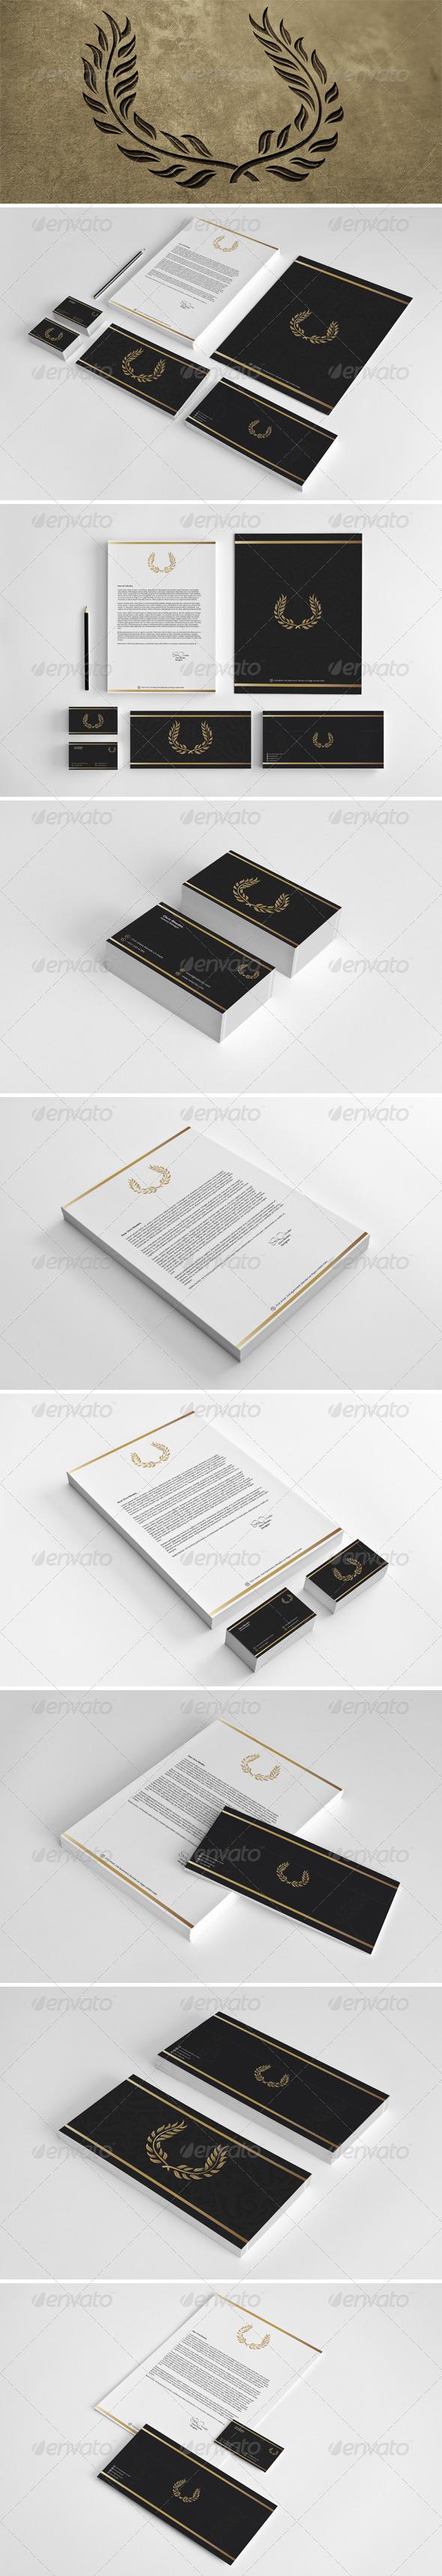 GraphicRiver Gold & Black Corporate Identity 6786553